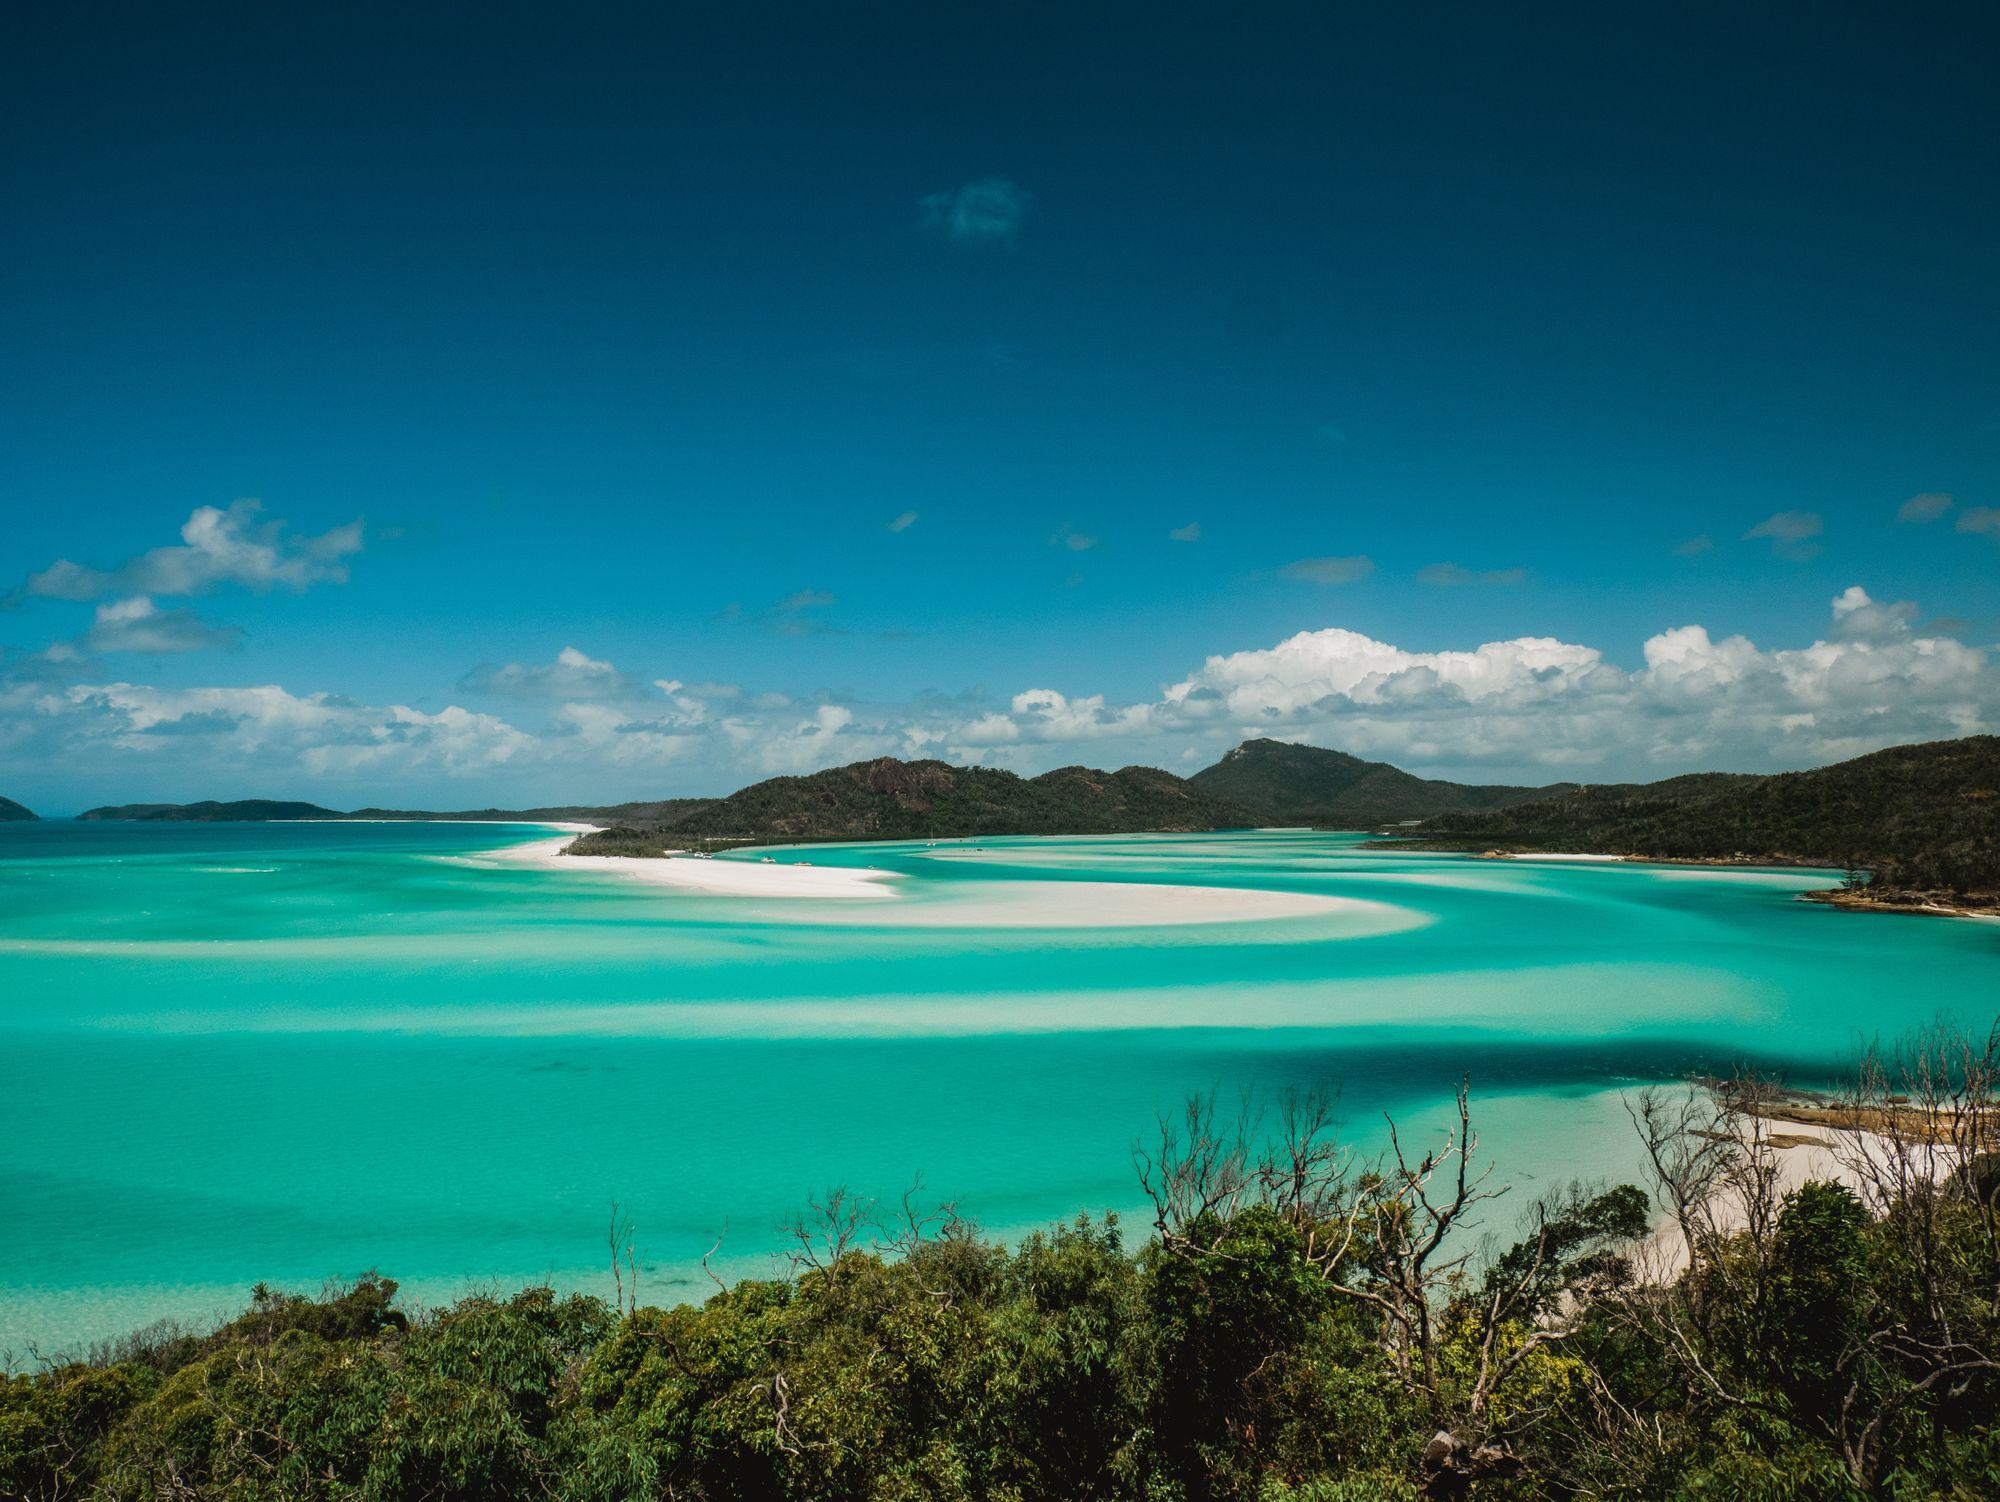 mer et sable sur l'île des Whitsundays en Australie